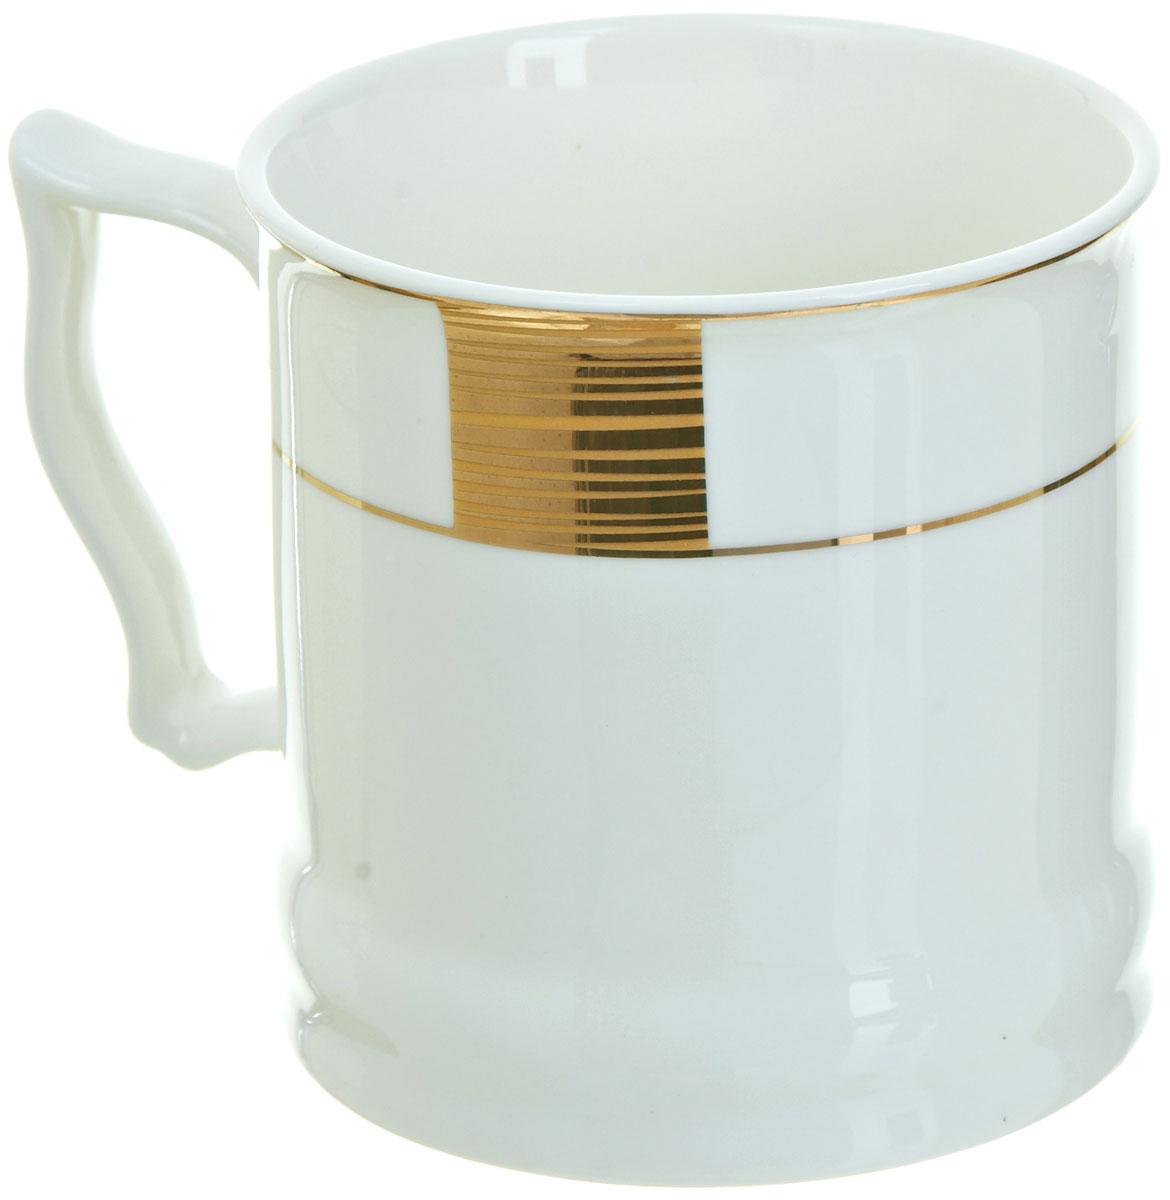 Кружка BHP Королевская кружка, 500 мл. M1870010M1870010Оригинальная кружка Best Home Porcelain, выполненная из высококачественного фарфора, сочетает в себе простой, утонченный дизайн с максимальной функциональностью. Можно использовать в посудомоечной машине.